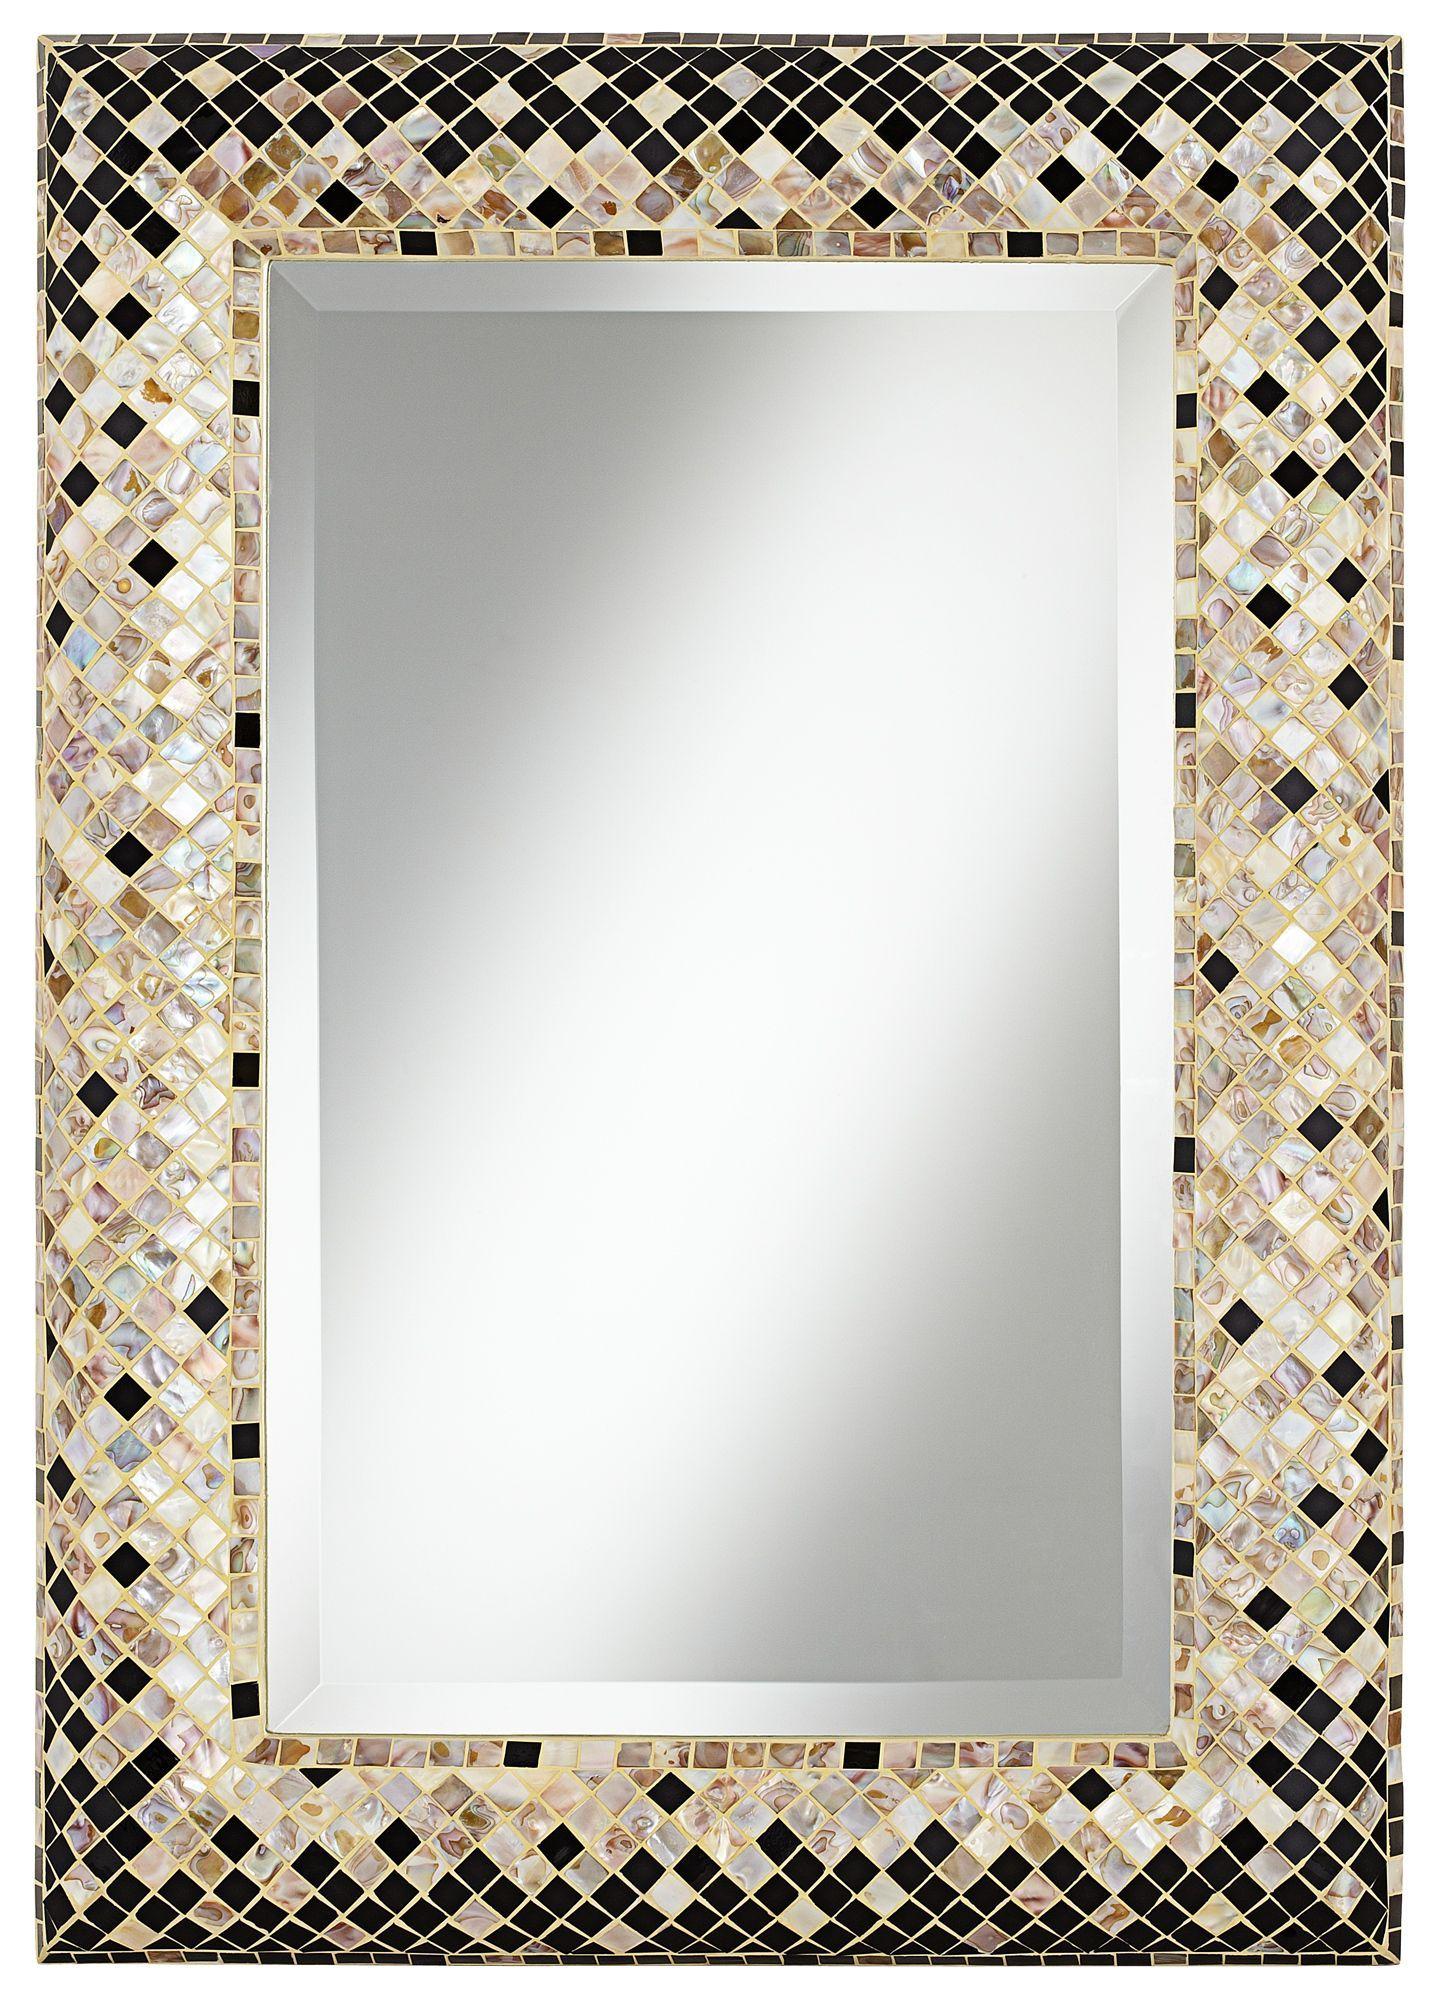 forma del tri/ángulo del mosaico del espejo suministra 60PCS con el tama/ño 3.5x6.3 cm Espejos de cristal de plata de los tri/ángulos